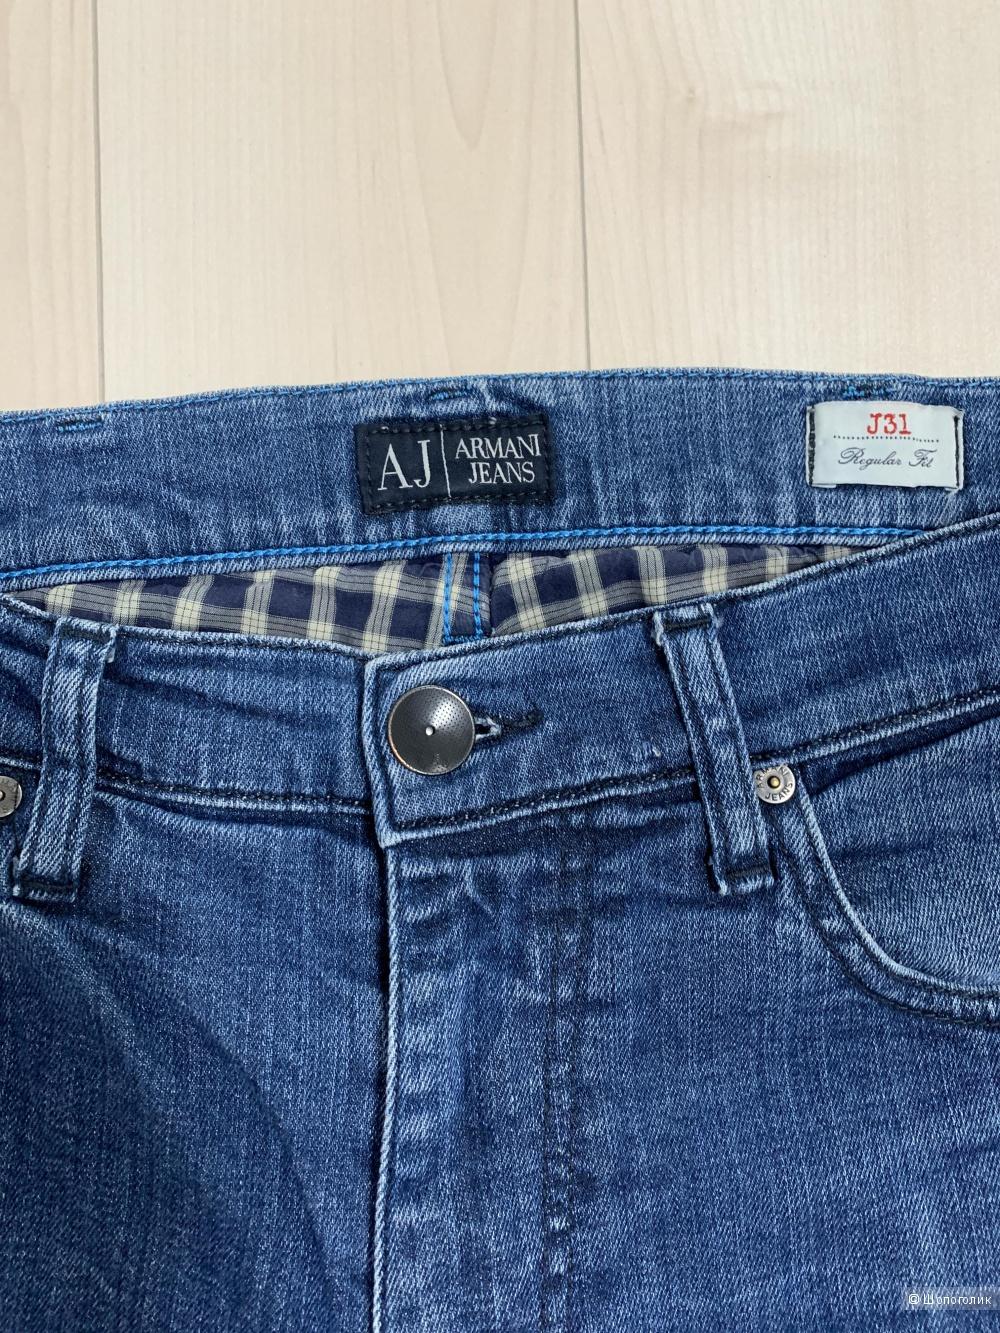 Джинсы Armani Jeans, размер 31